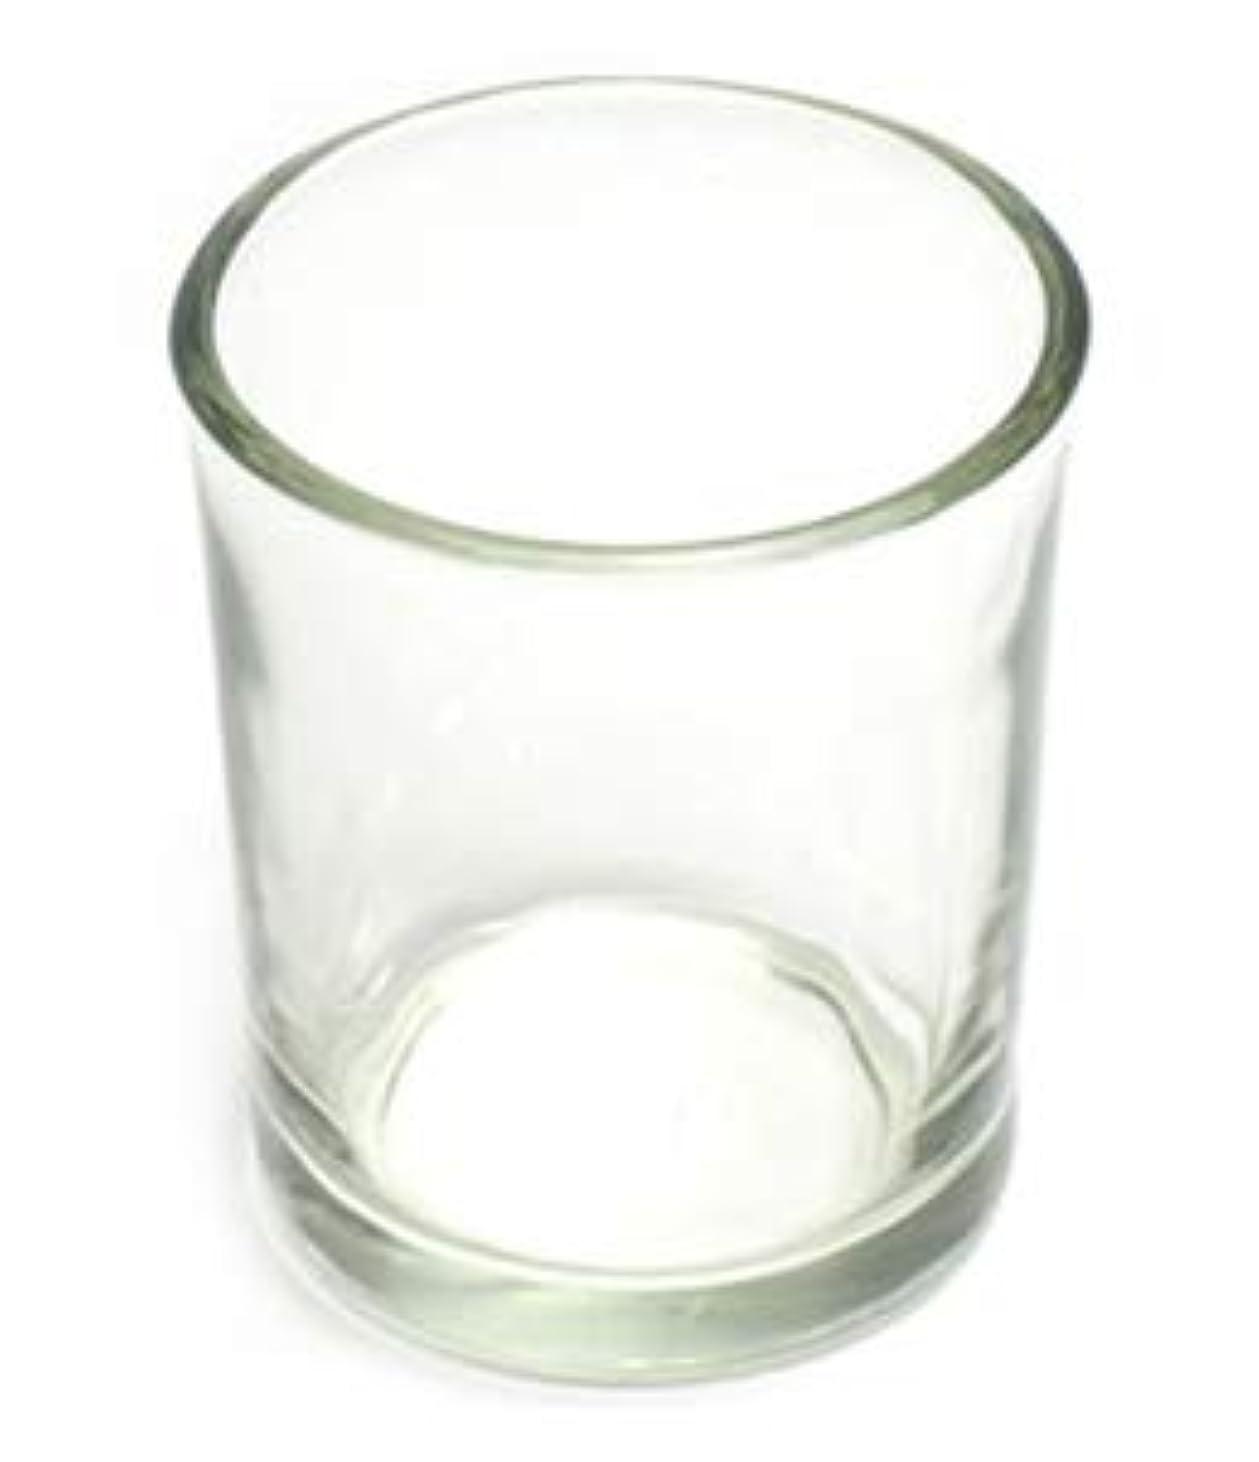 飼料上がるローラーキャンドルホルダー ガラス シンプル[小] 192個【キャンドルスタンド 透明 クリア おしゃれ ろうそく立て】